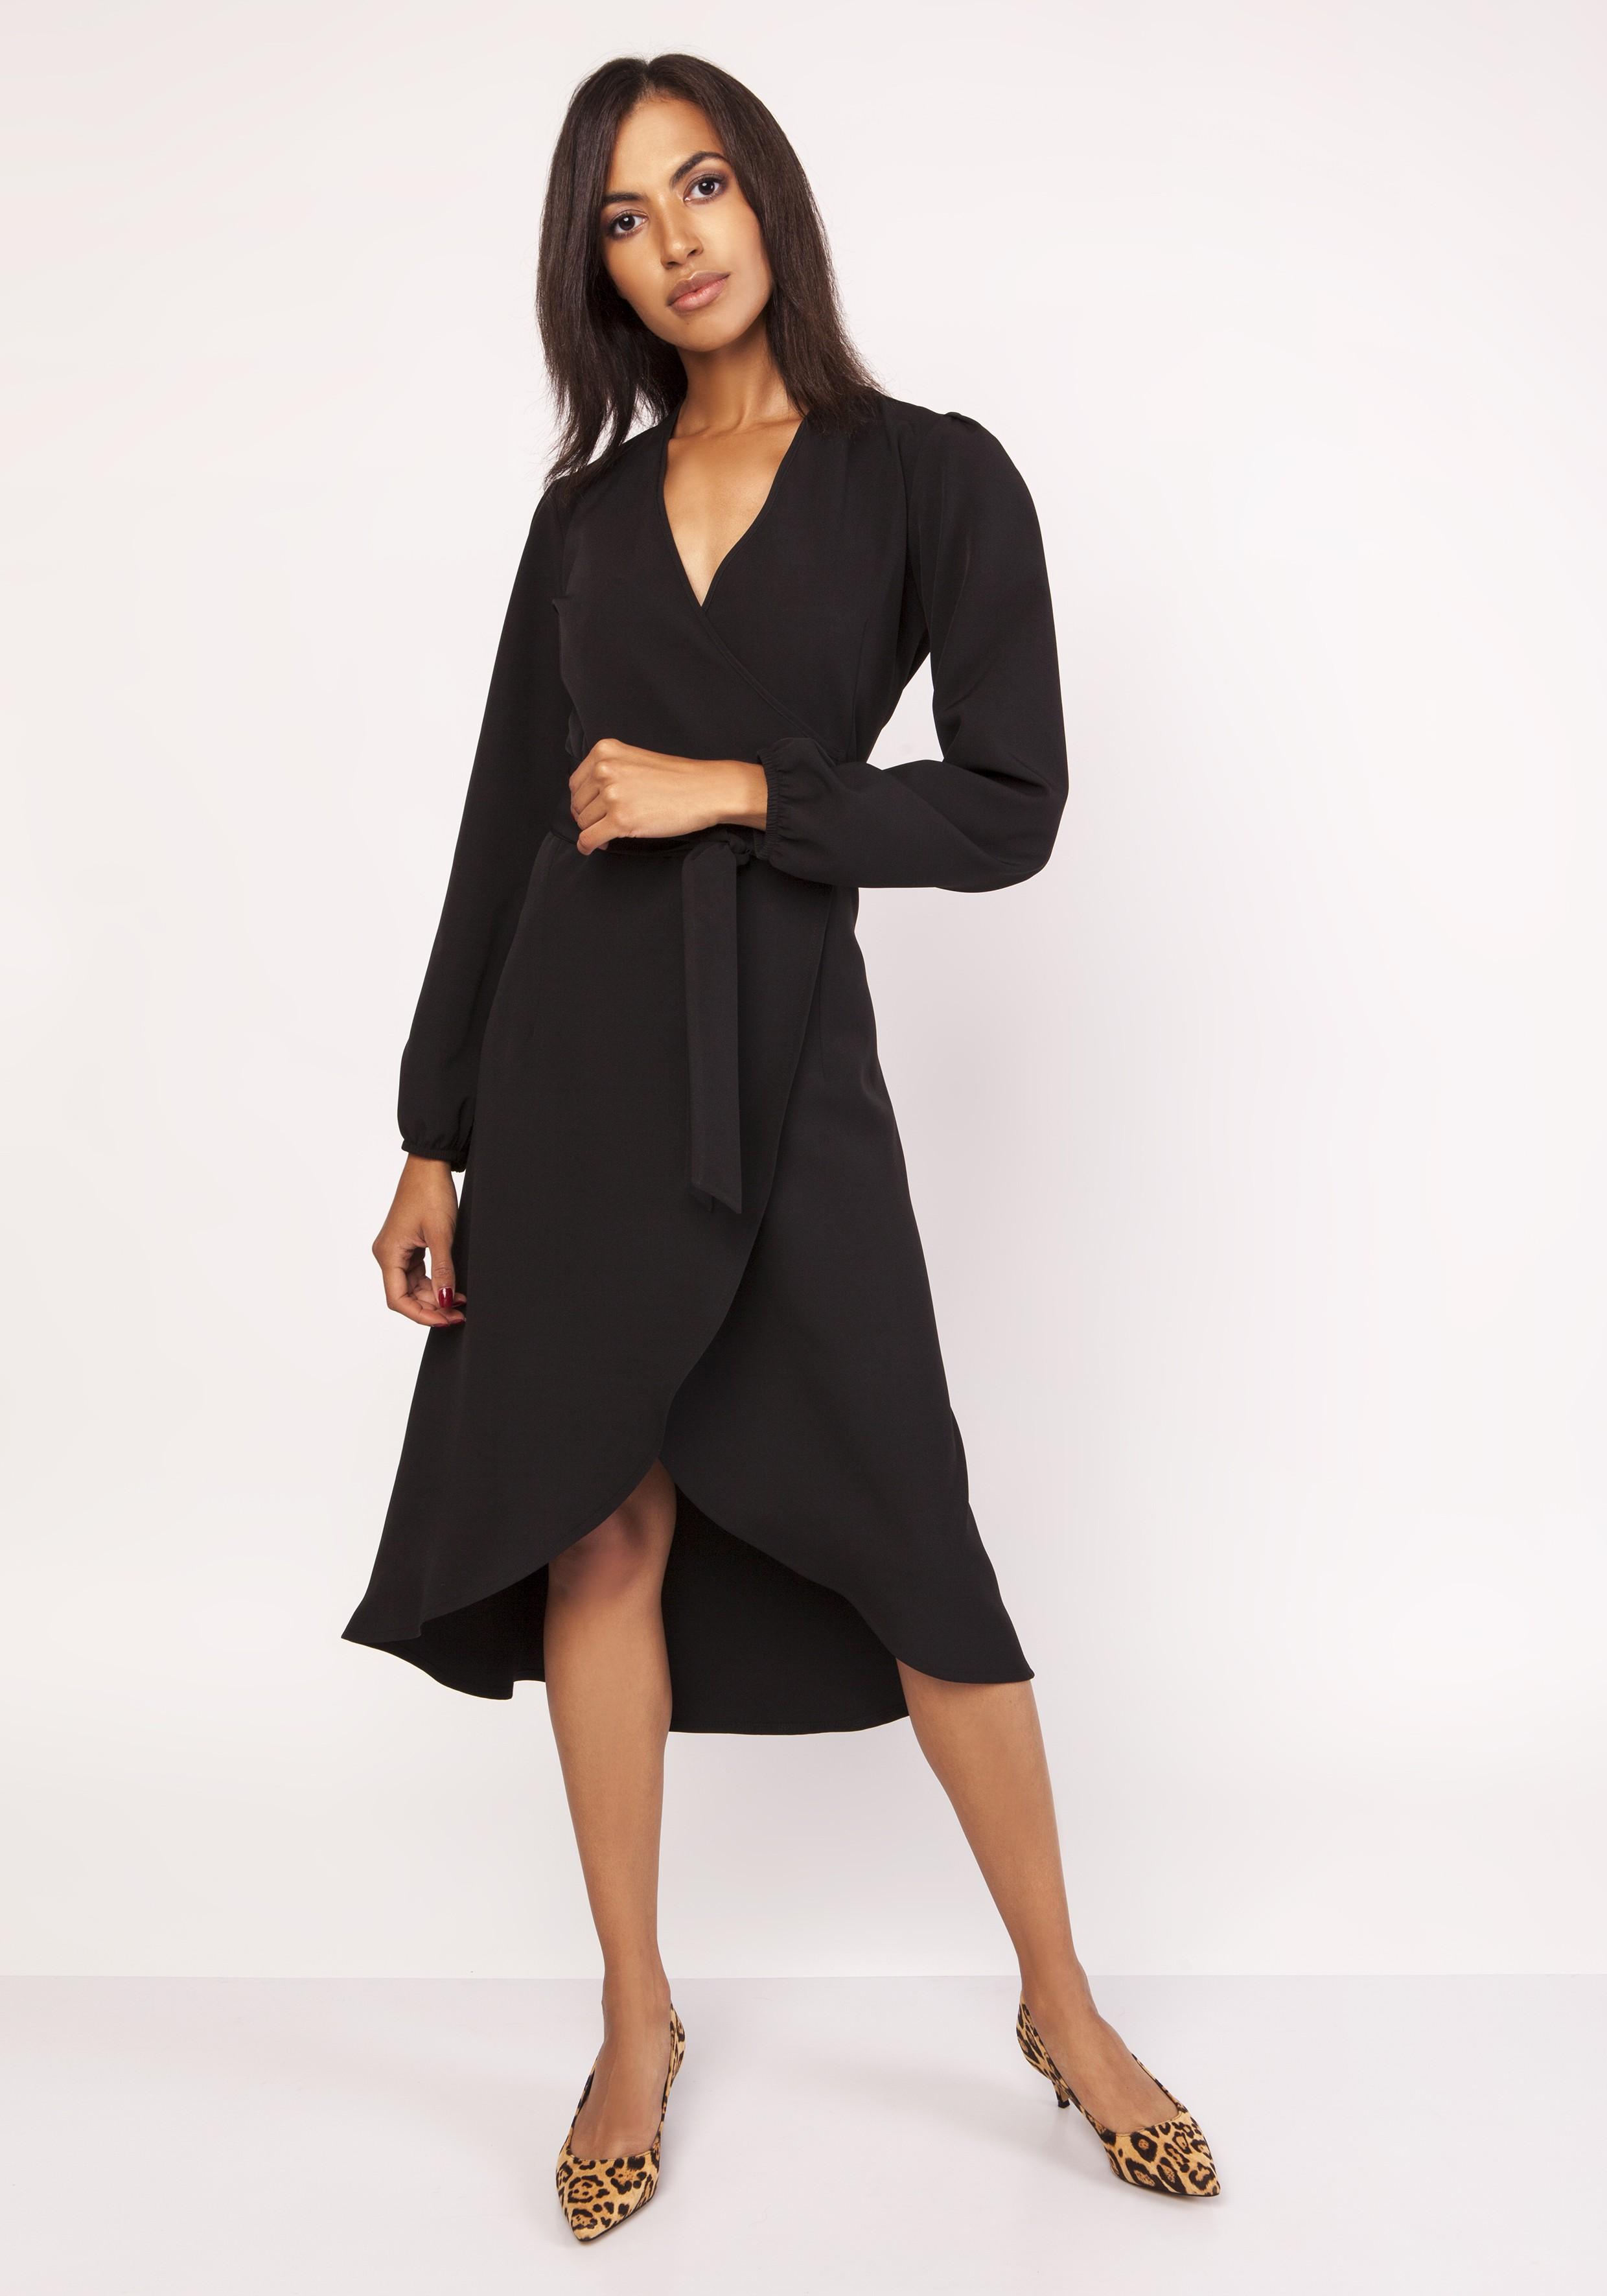 a5c869b238 Elegancka sukienka z przedłużanym tyłem czarna - kurier już od 5